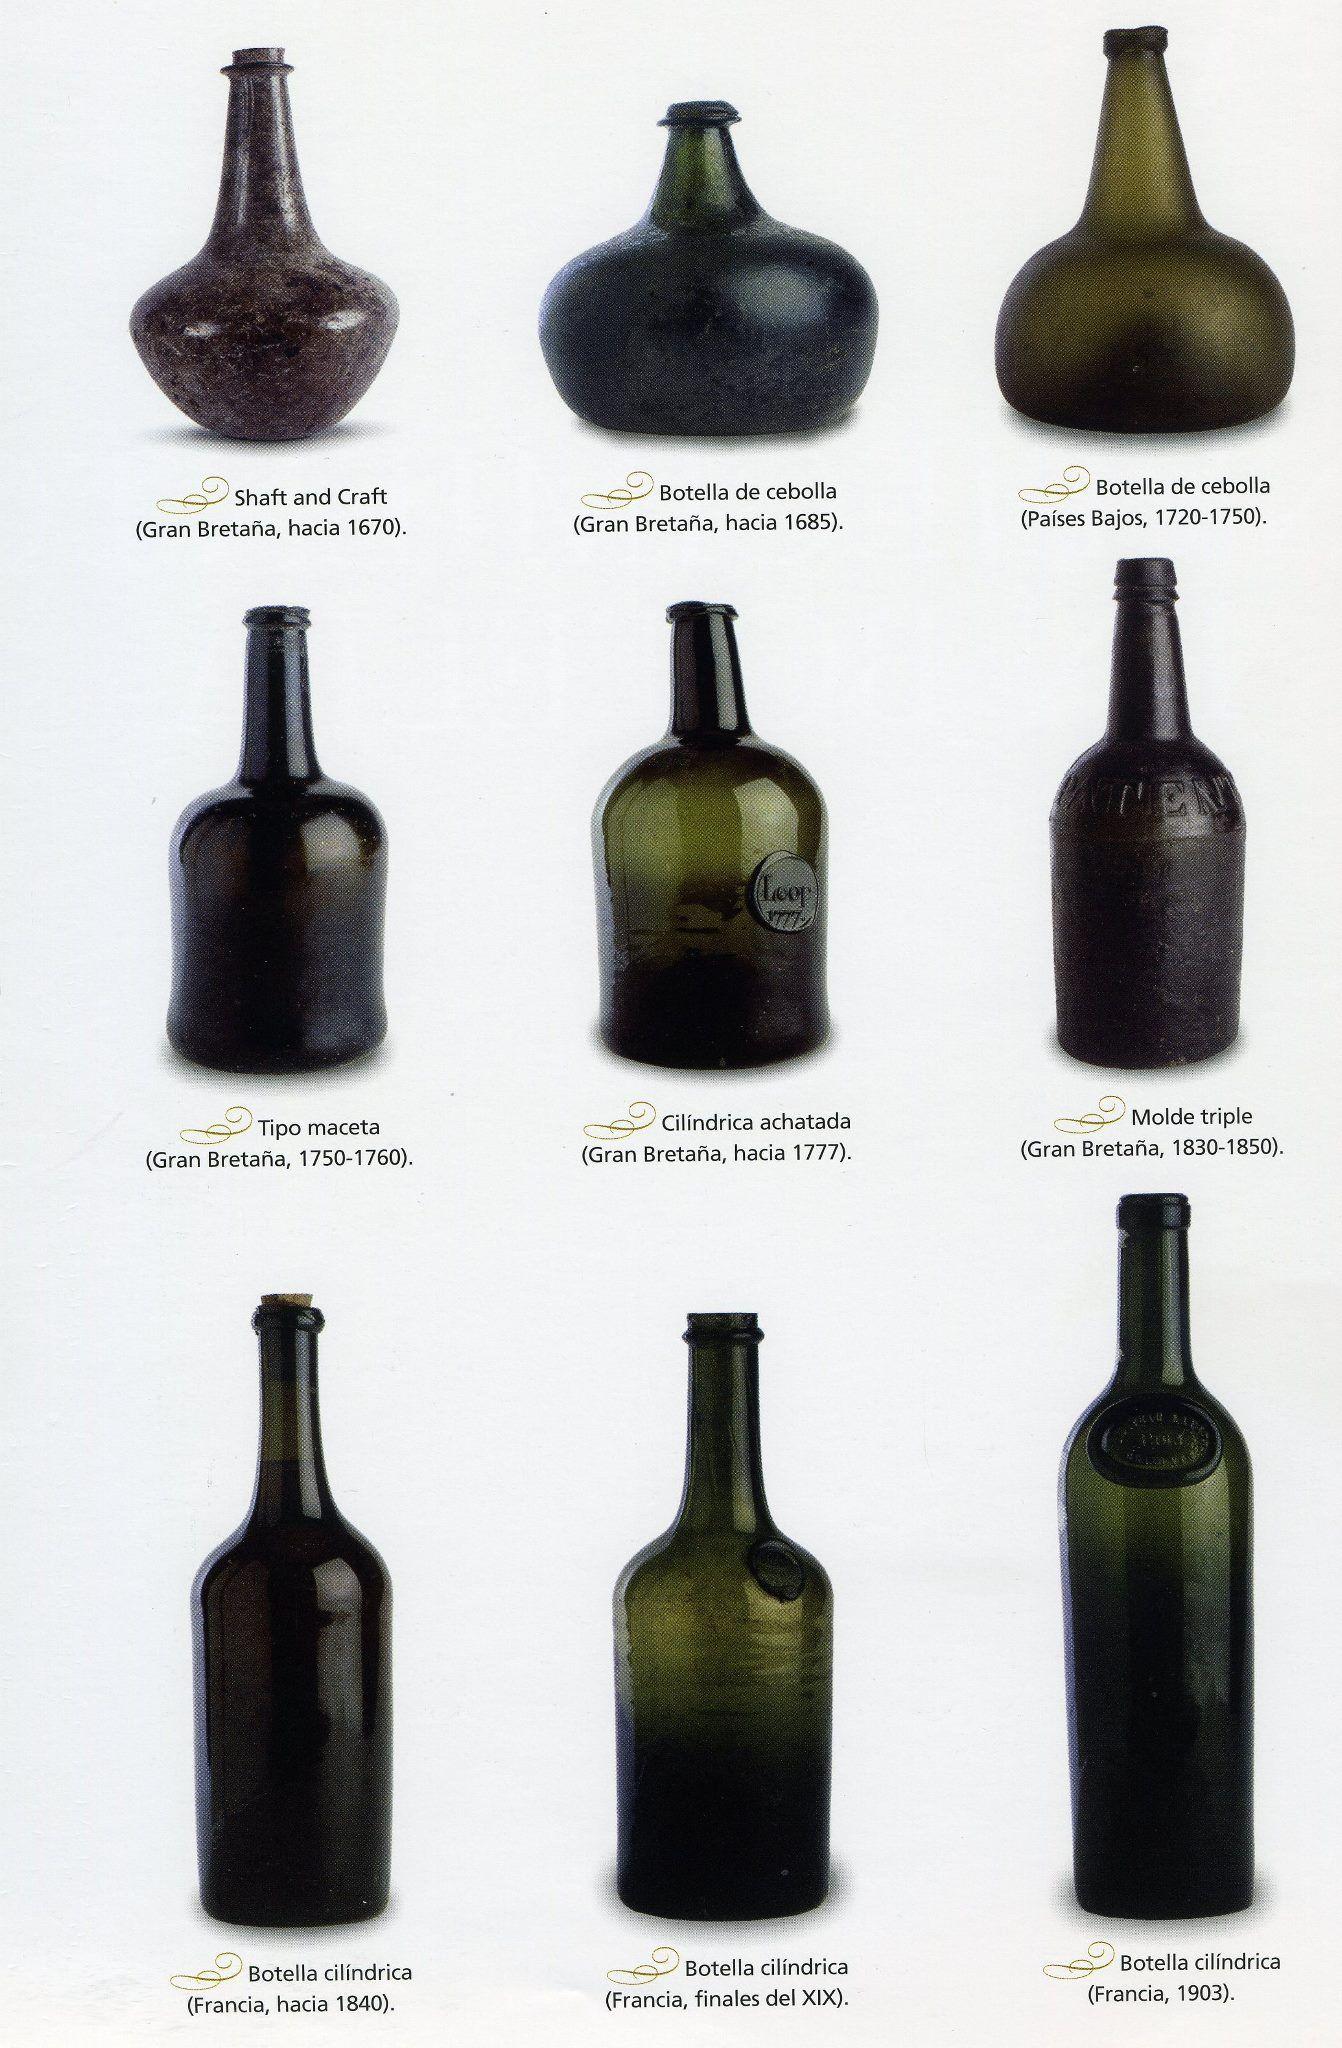 The history of wine bottles wine / vinho / vino mxm